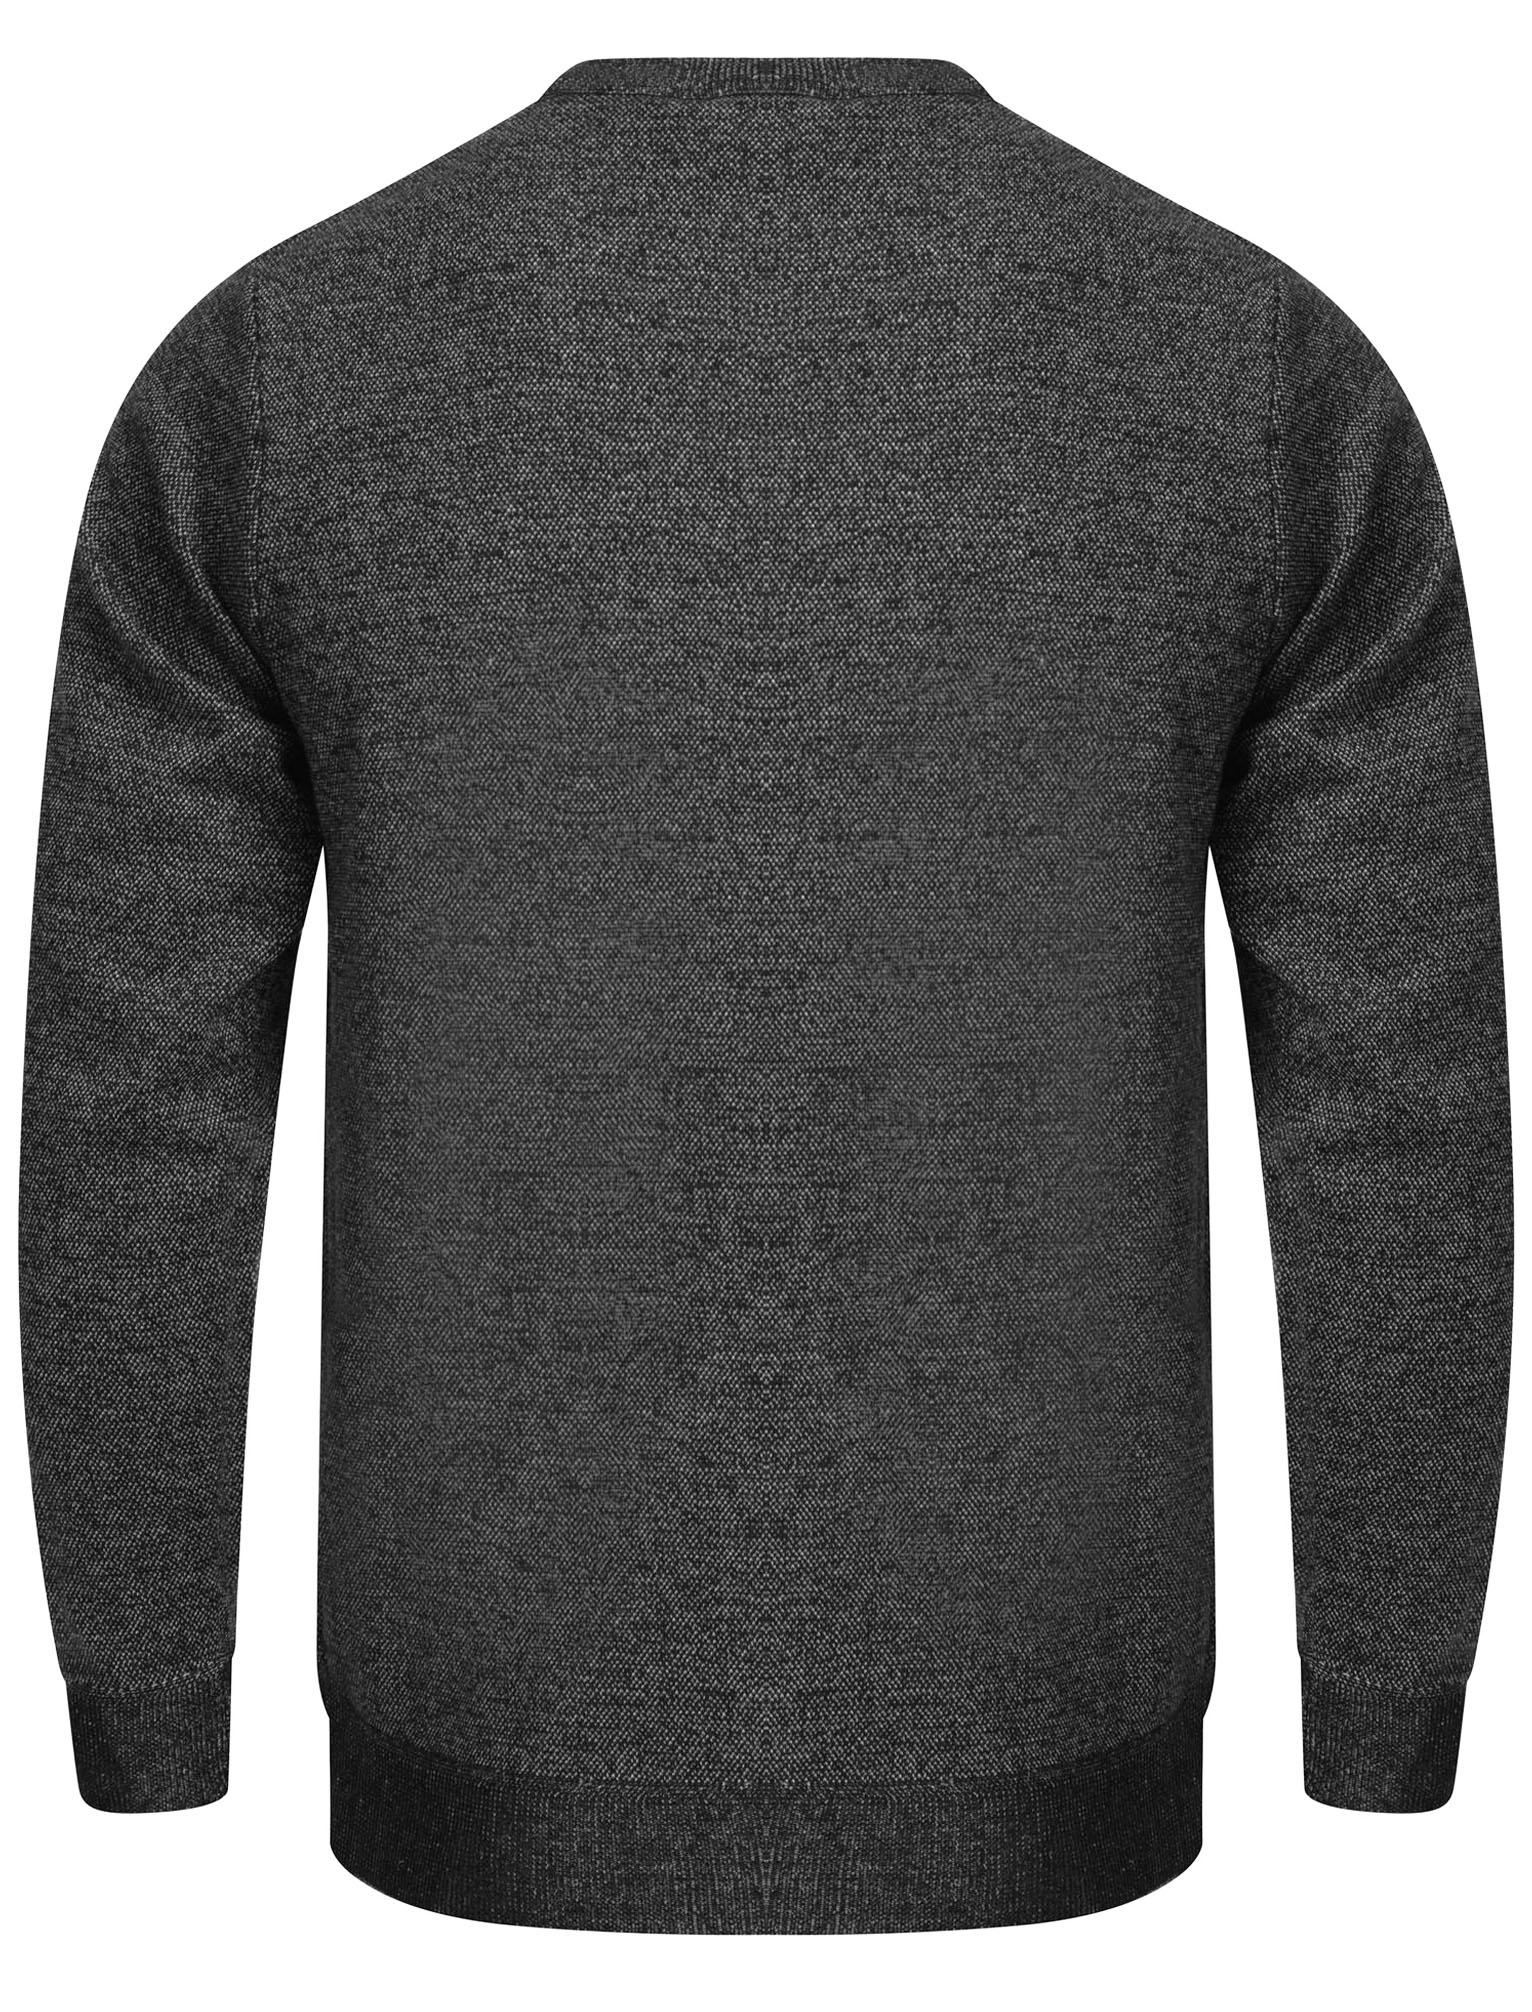 Kensington-Eastside-Men-039-s-Knitted-Crew-or-V-Neck-Jumper-Sweater-Top-Pullover thumbnail 56